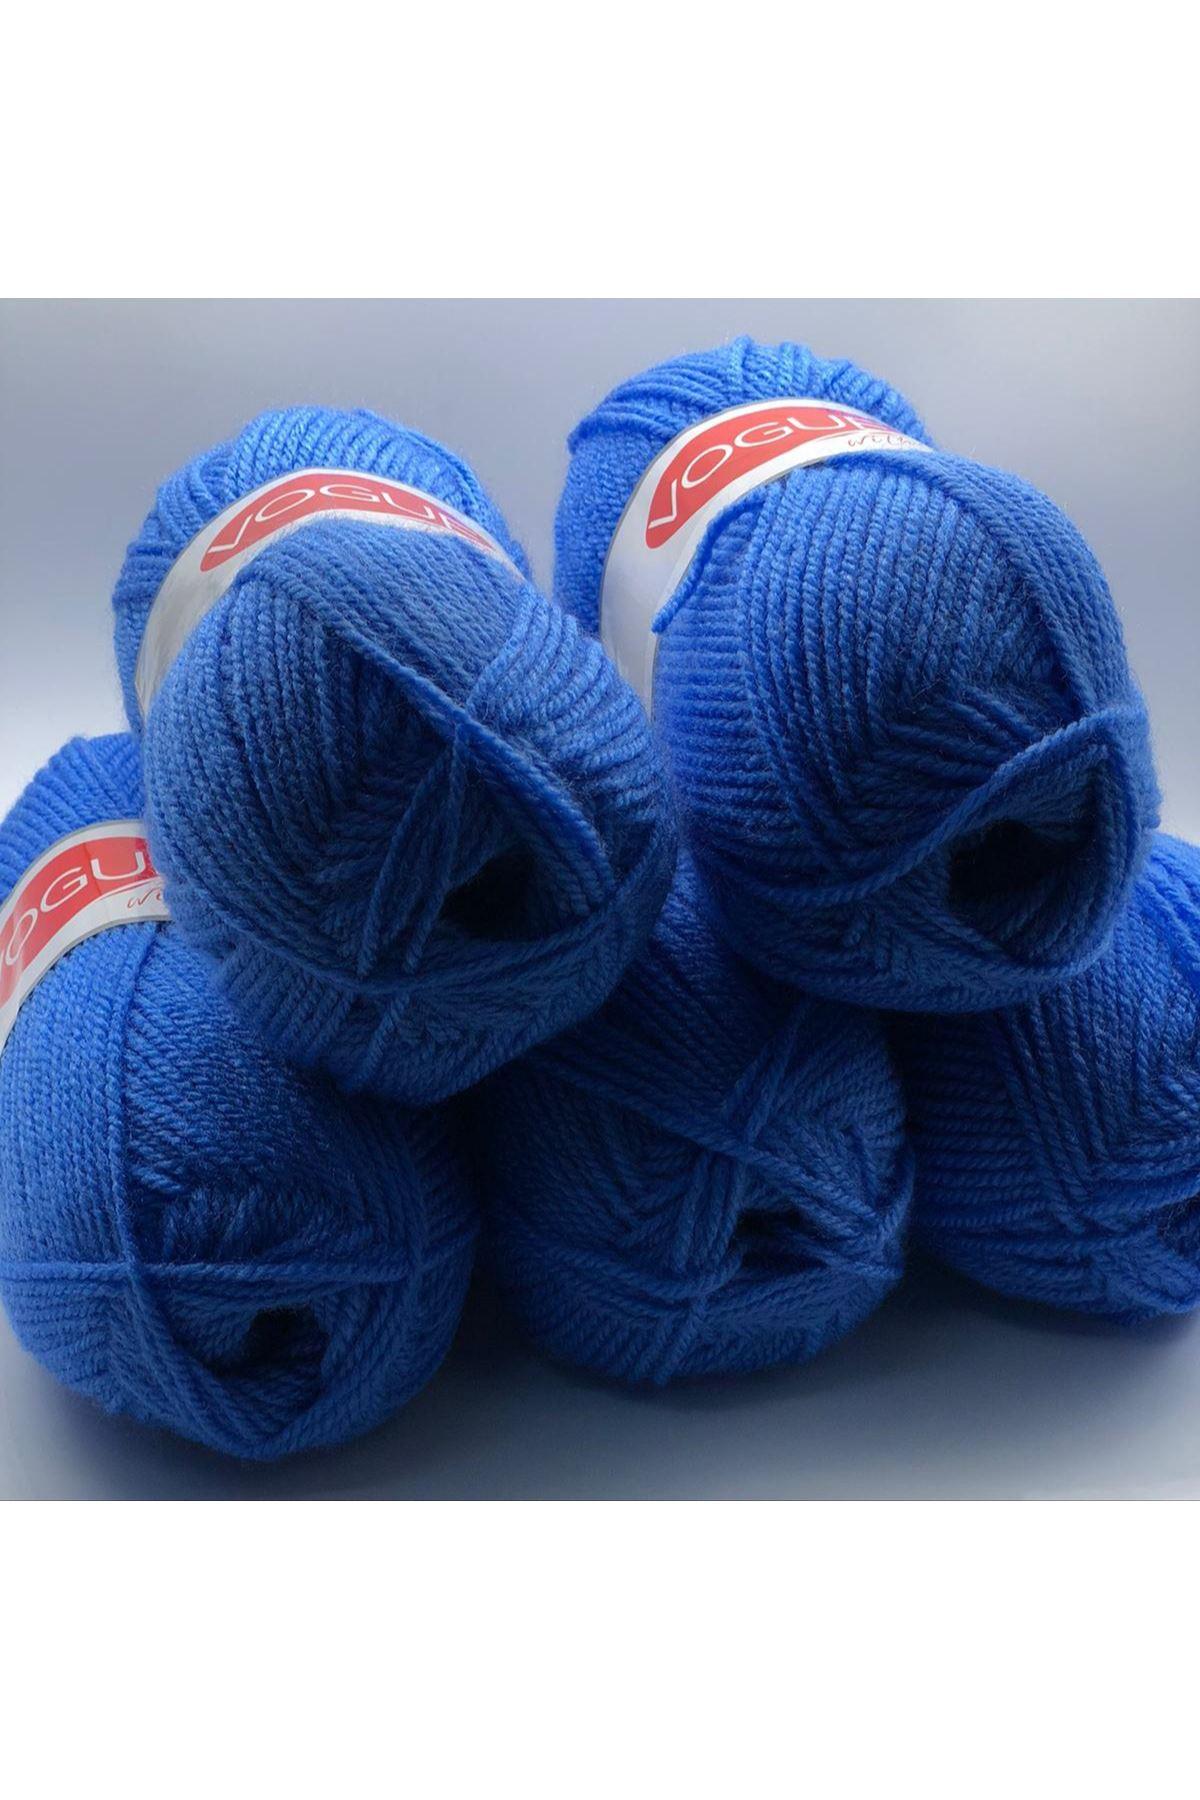 İhrac Fazlası 5'li Paket Kazaklık 1018 Mavi